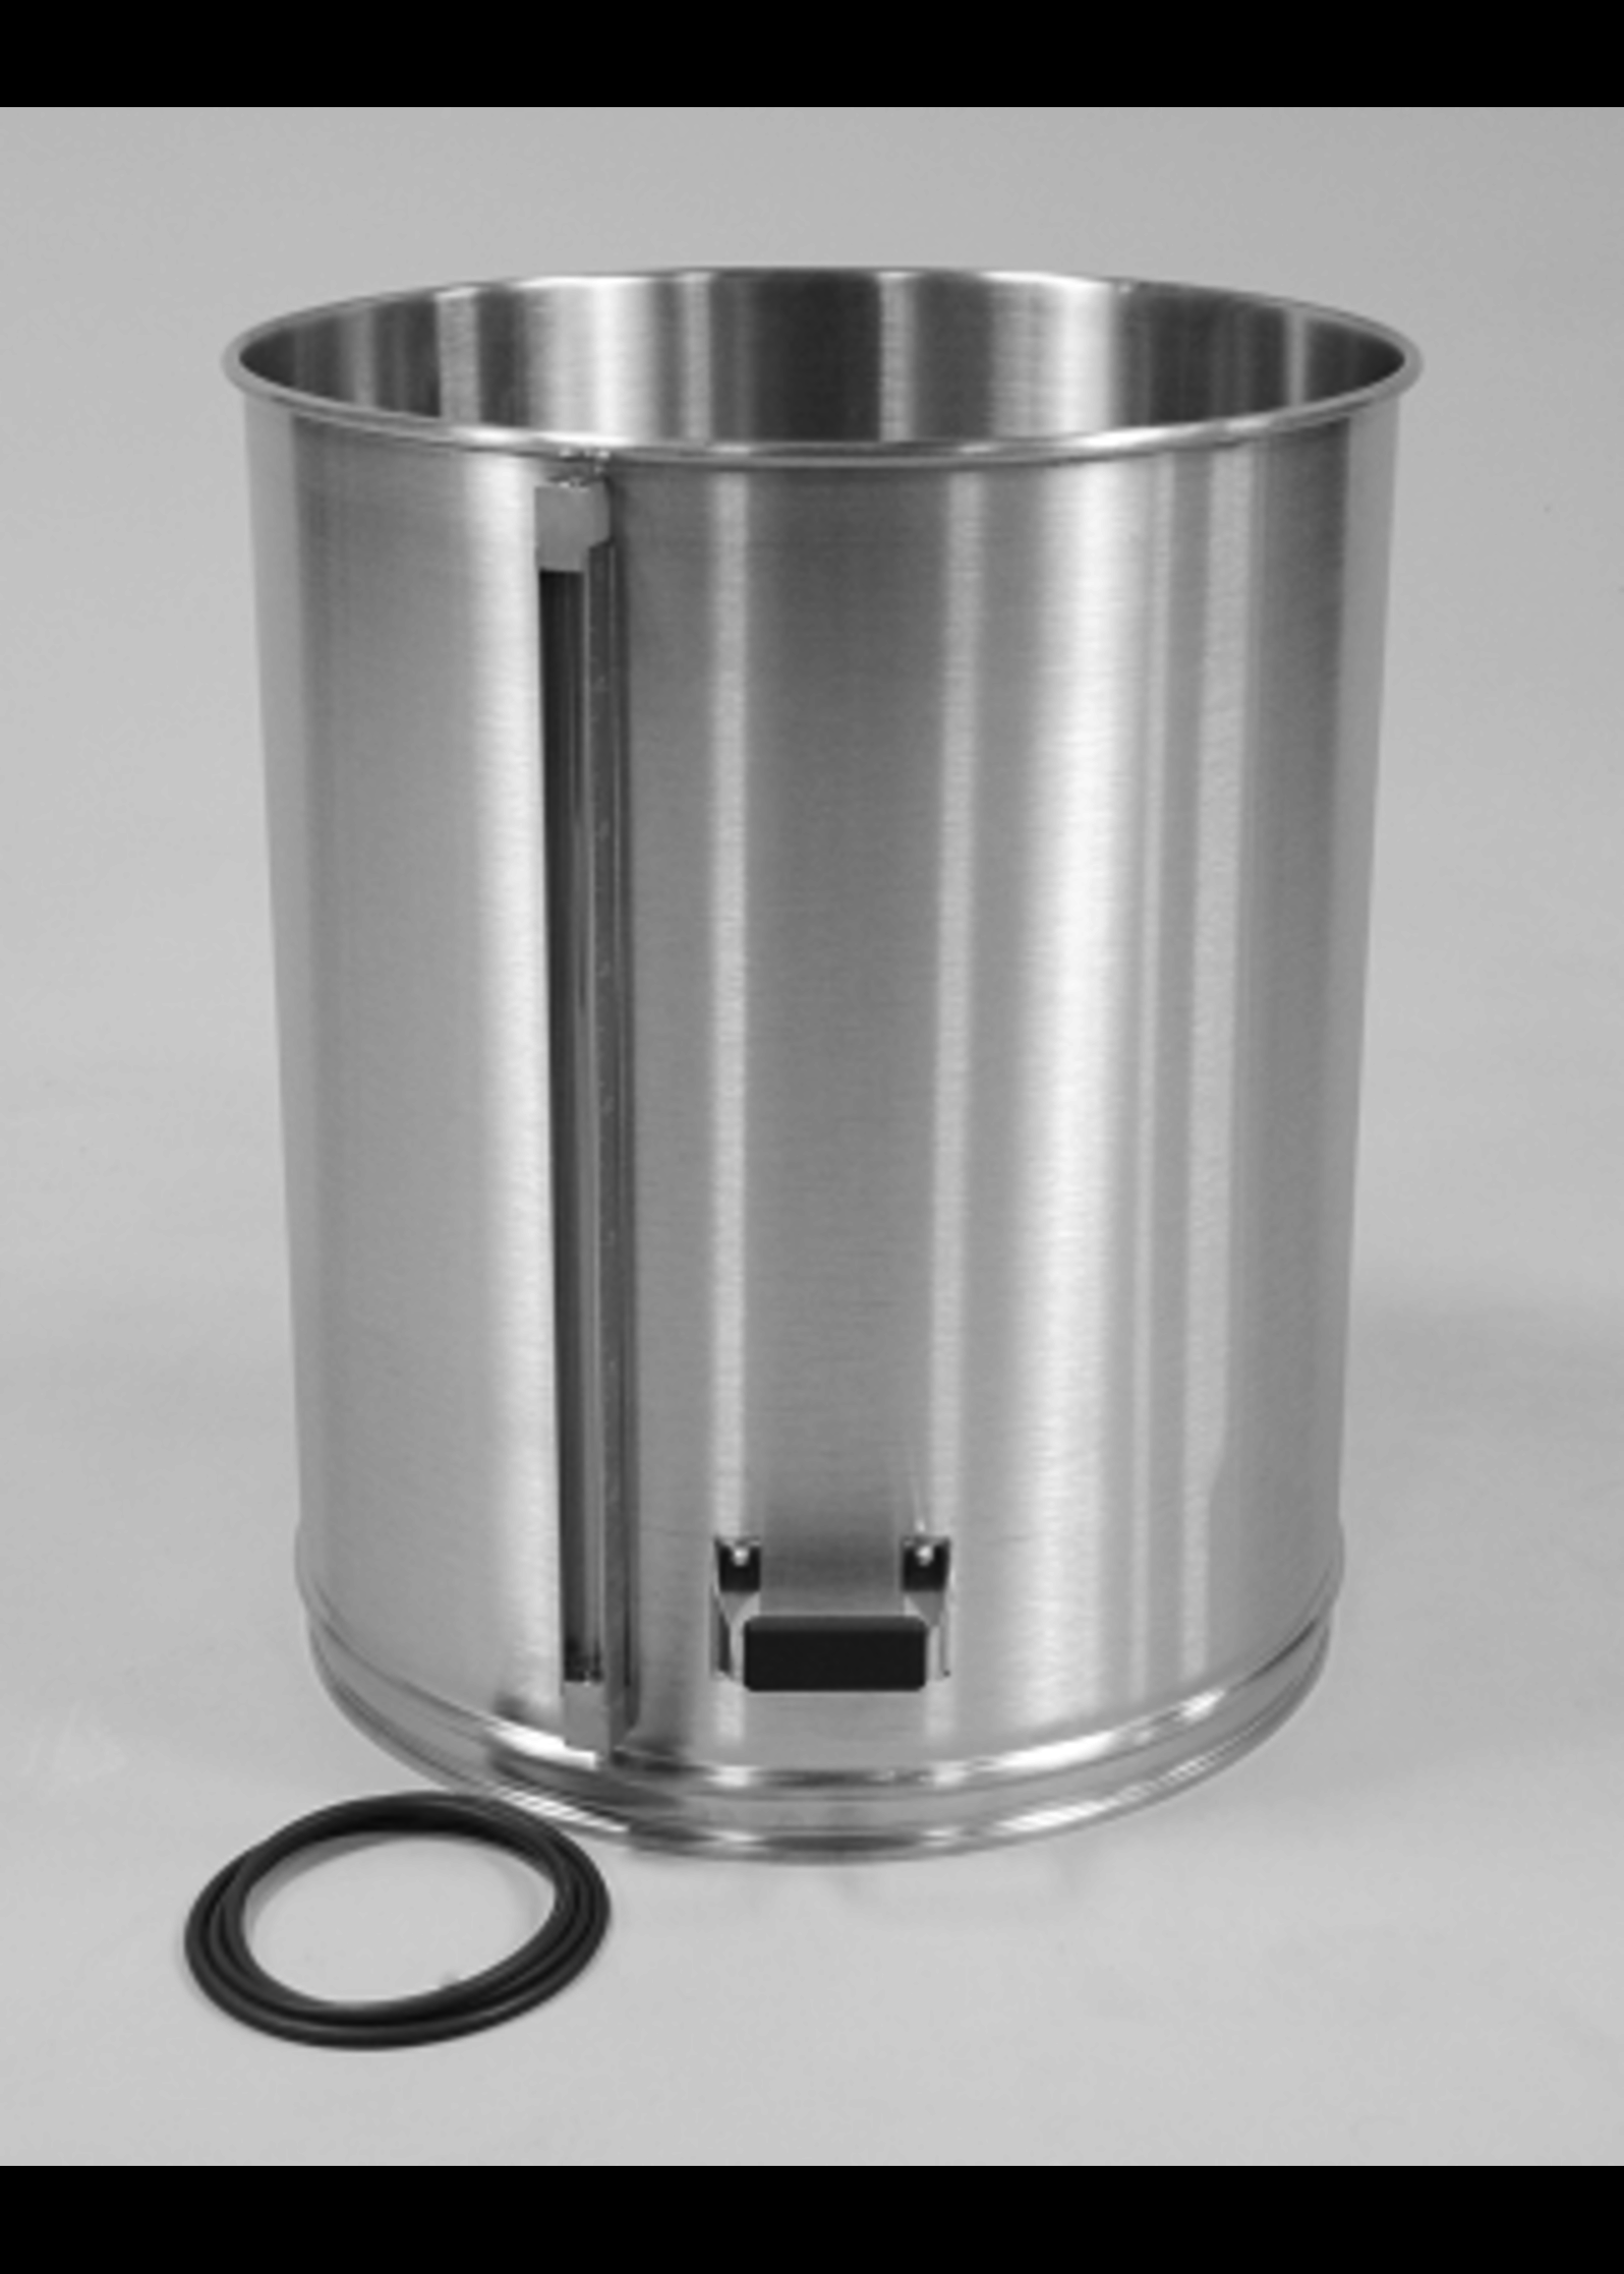 Blichmann Blichmann BoilerMaker G2 - 2 BBL Extension for 55 Gallon BoilerMaker